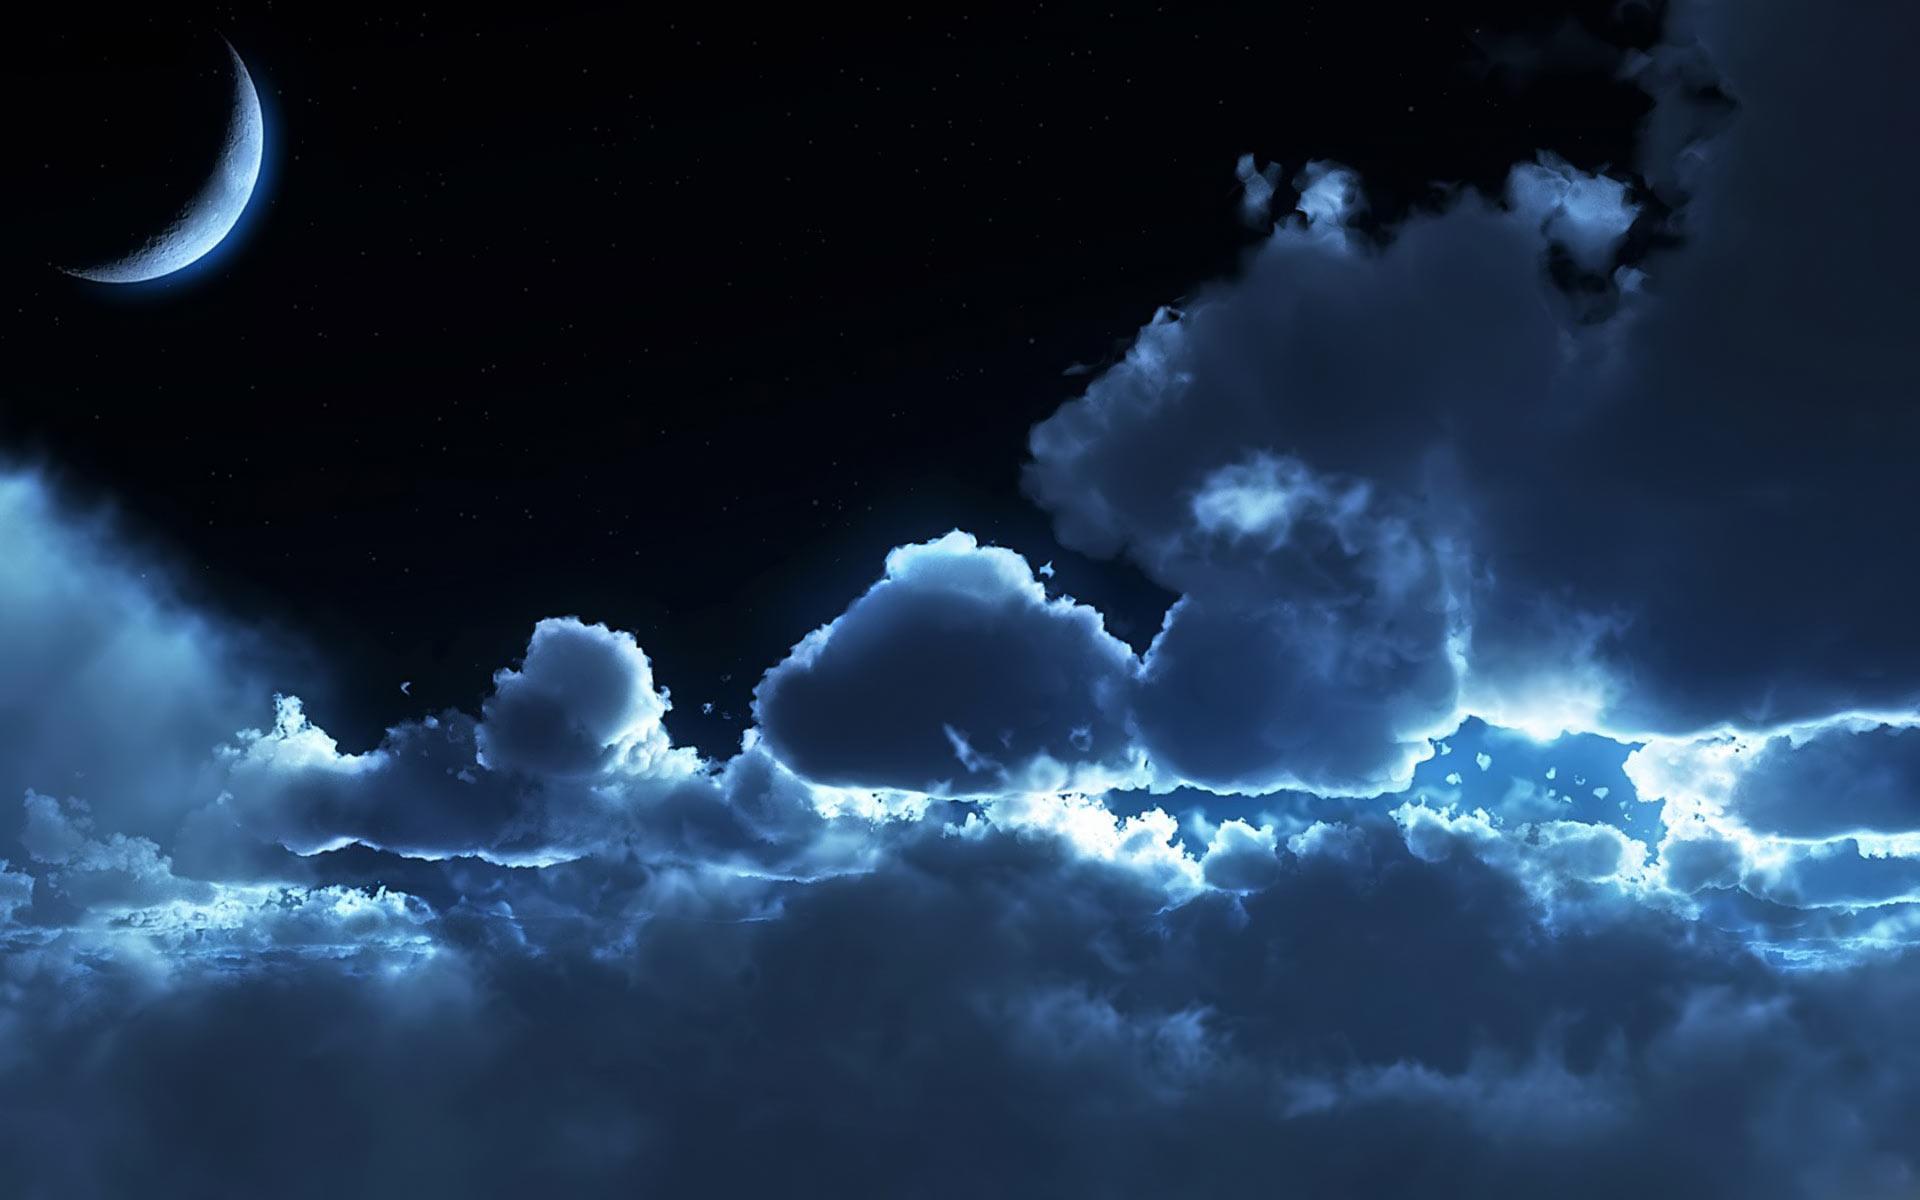 небо, лунный свет, скачать фото, moon night wallpaper